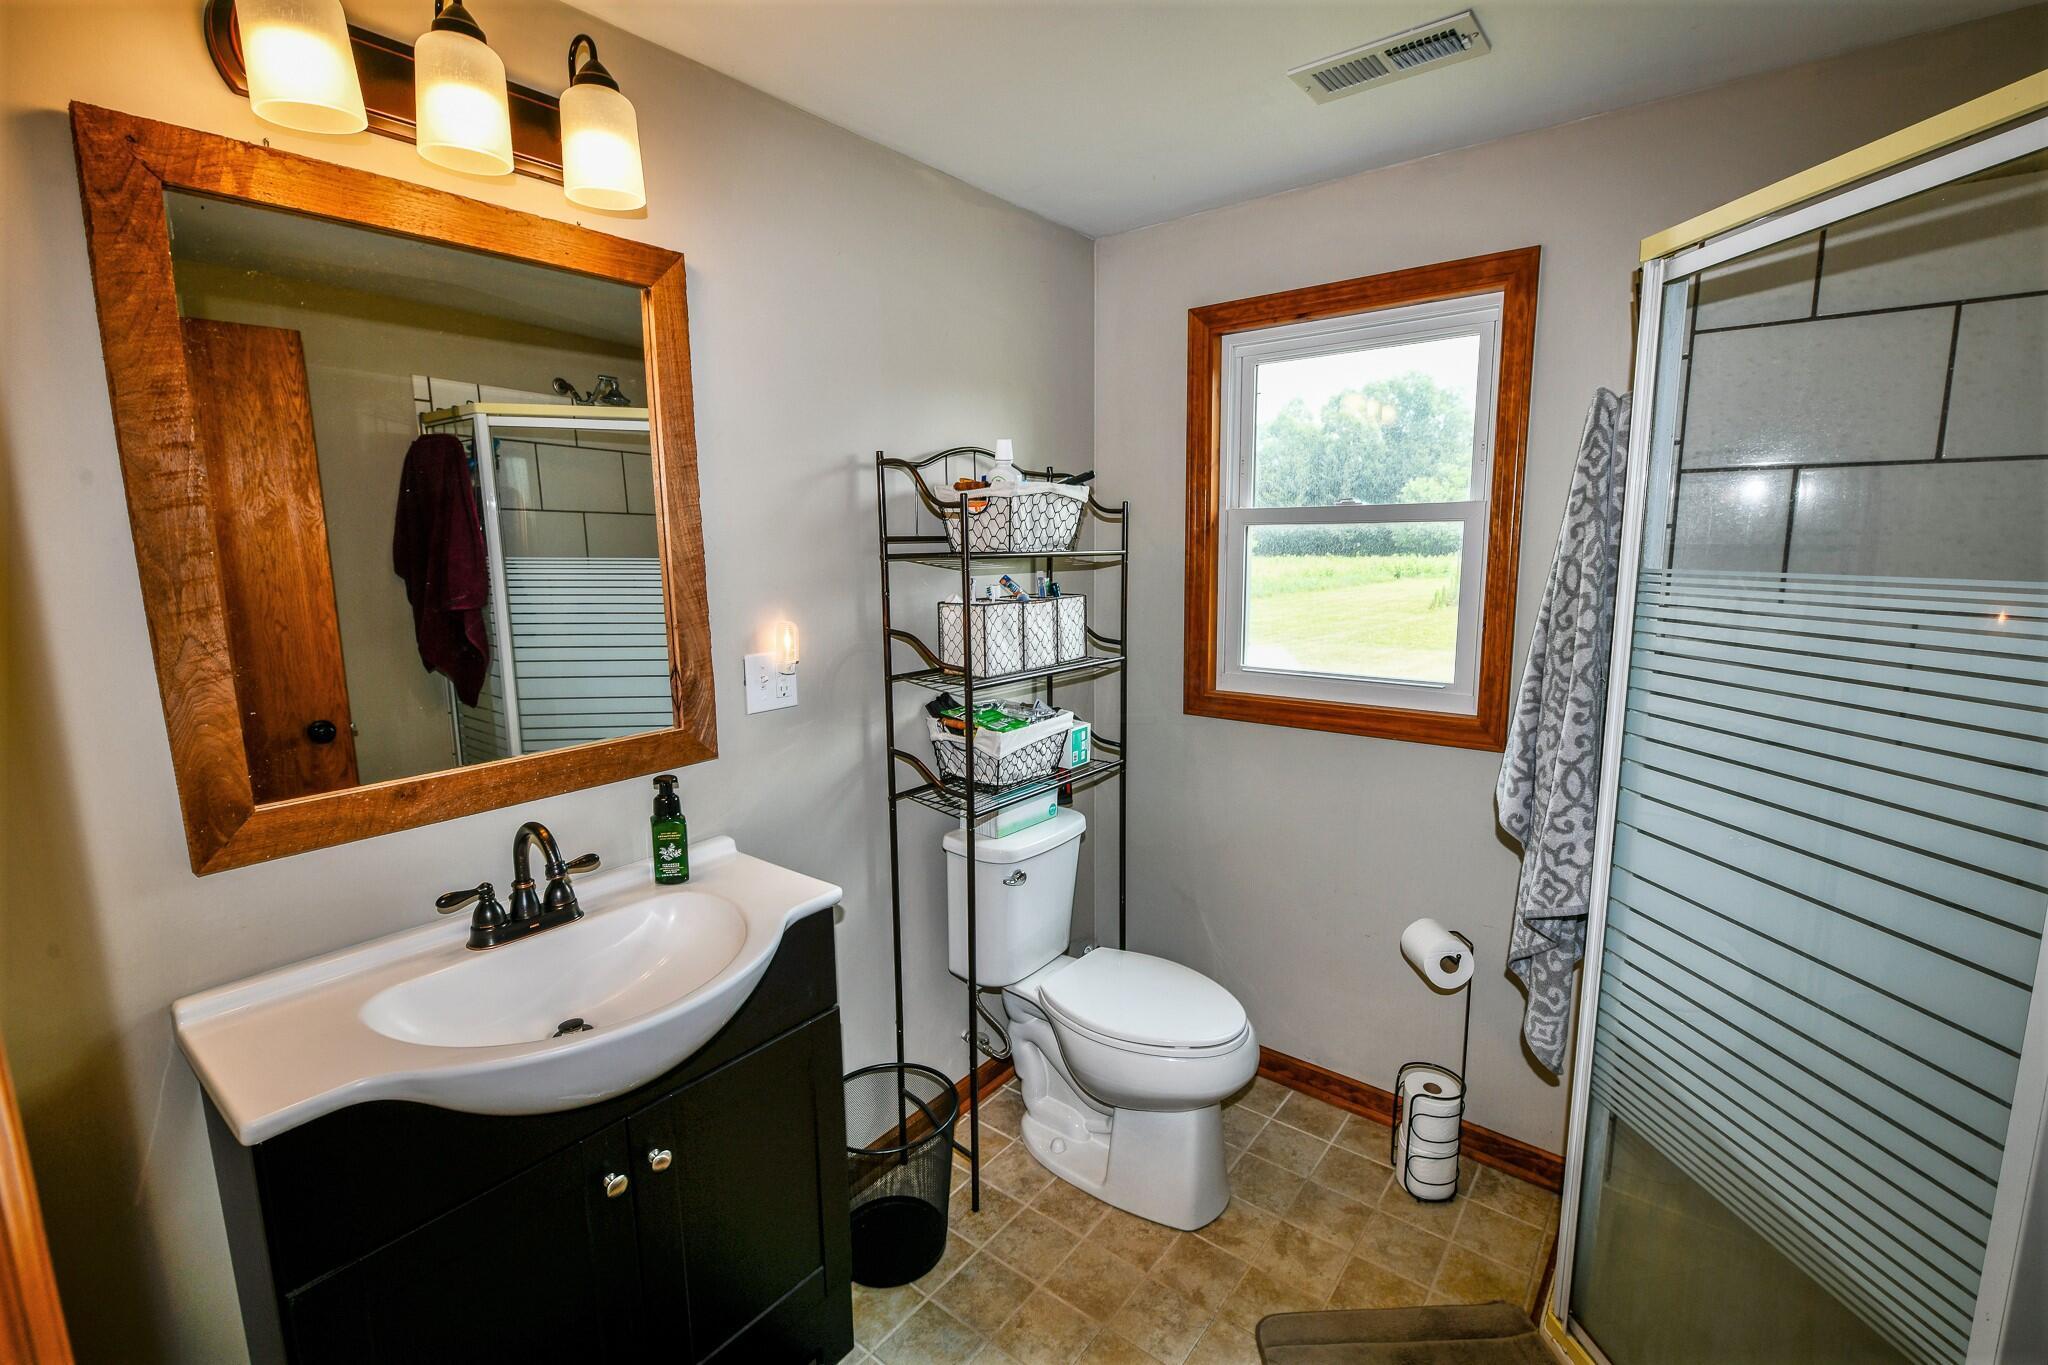 2nd Full Bath: 7'x7' w/Tiled Flr.